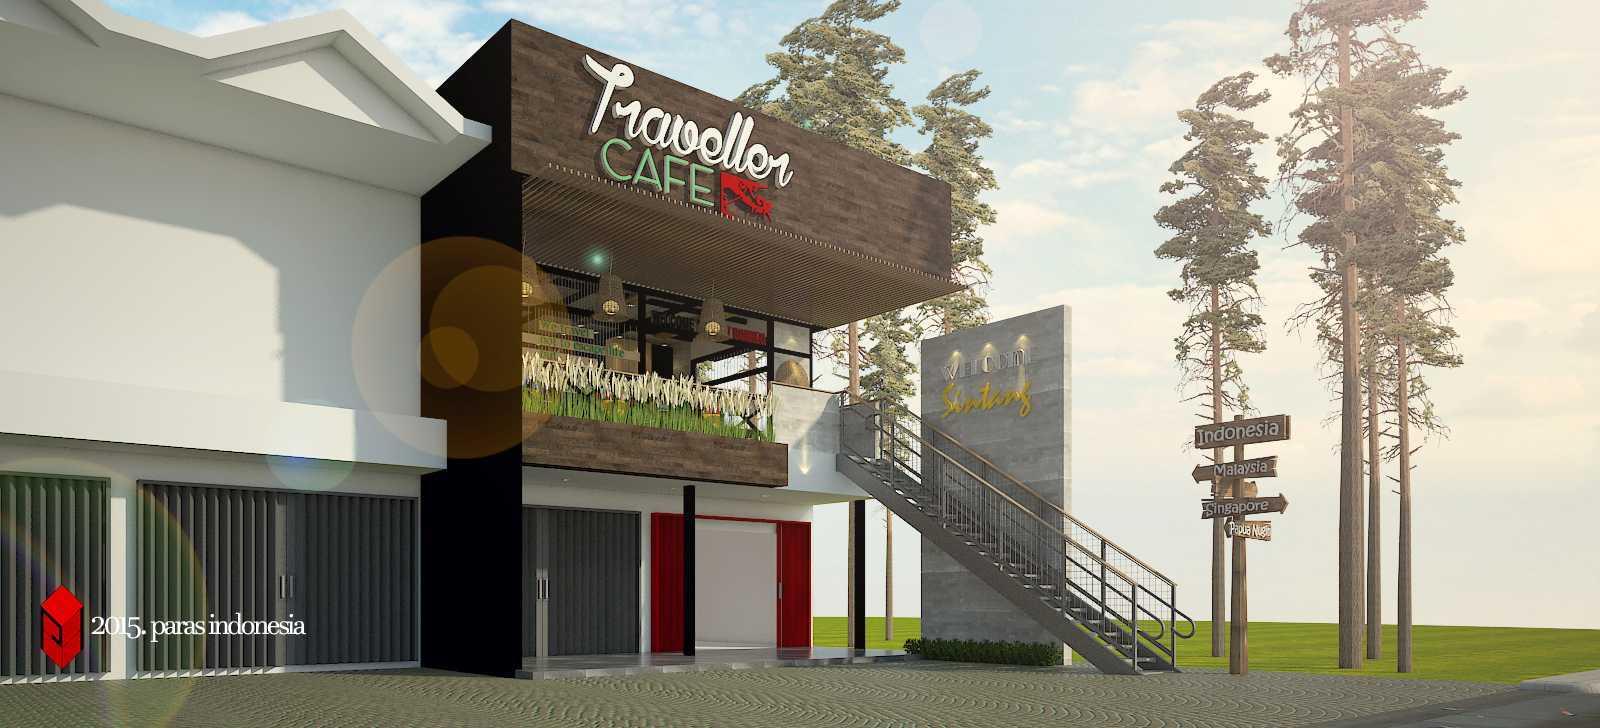 Andreas Fajar Ismunanto Travel Cafe Kabupaten Sintang, Kalimantan Barat, Indonesia Kabupaten Sintang, Kalimantan Barat, Indonesia Cafe-Sintang-Mr Minimalis,modern  38063